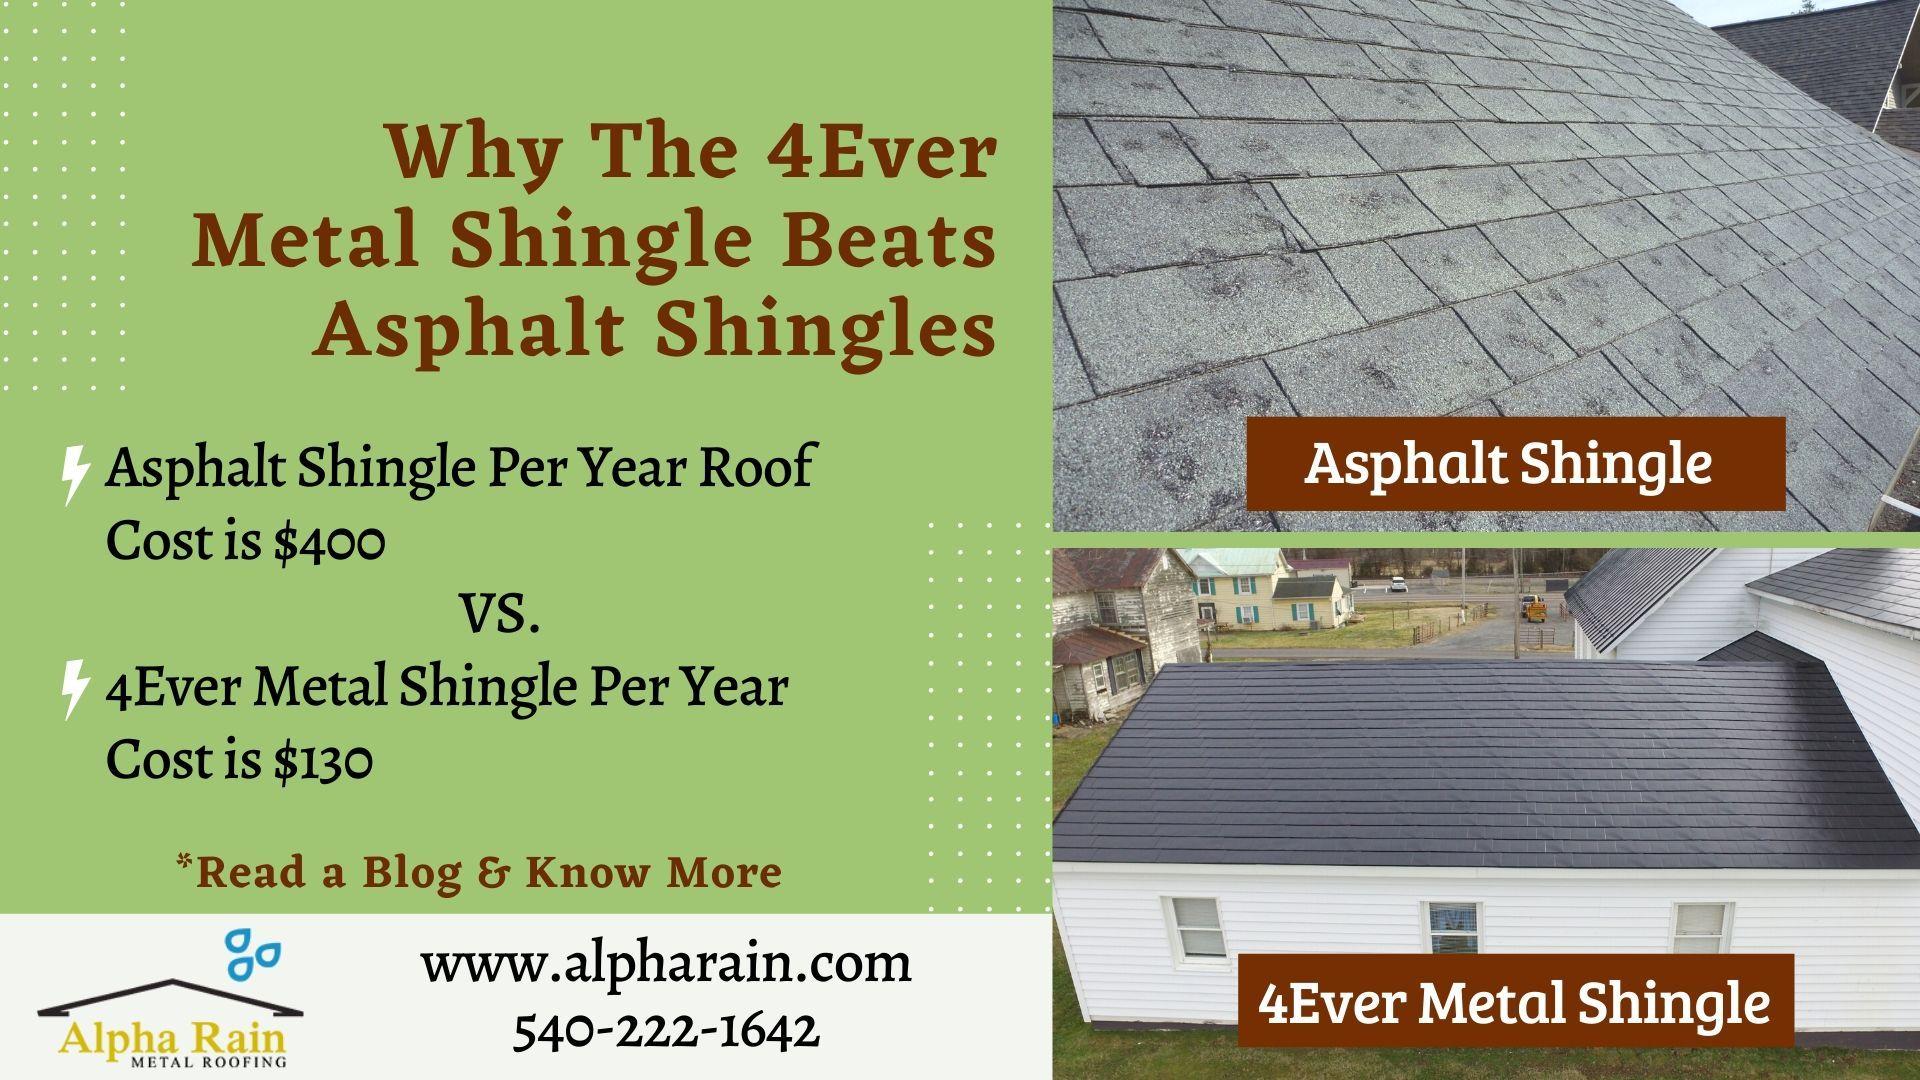 How 4ever Shingle Is Better Than Asphalt Shingles In 2020 Shingling Metal Shingles Asphalt Shingles